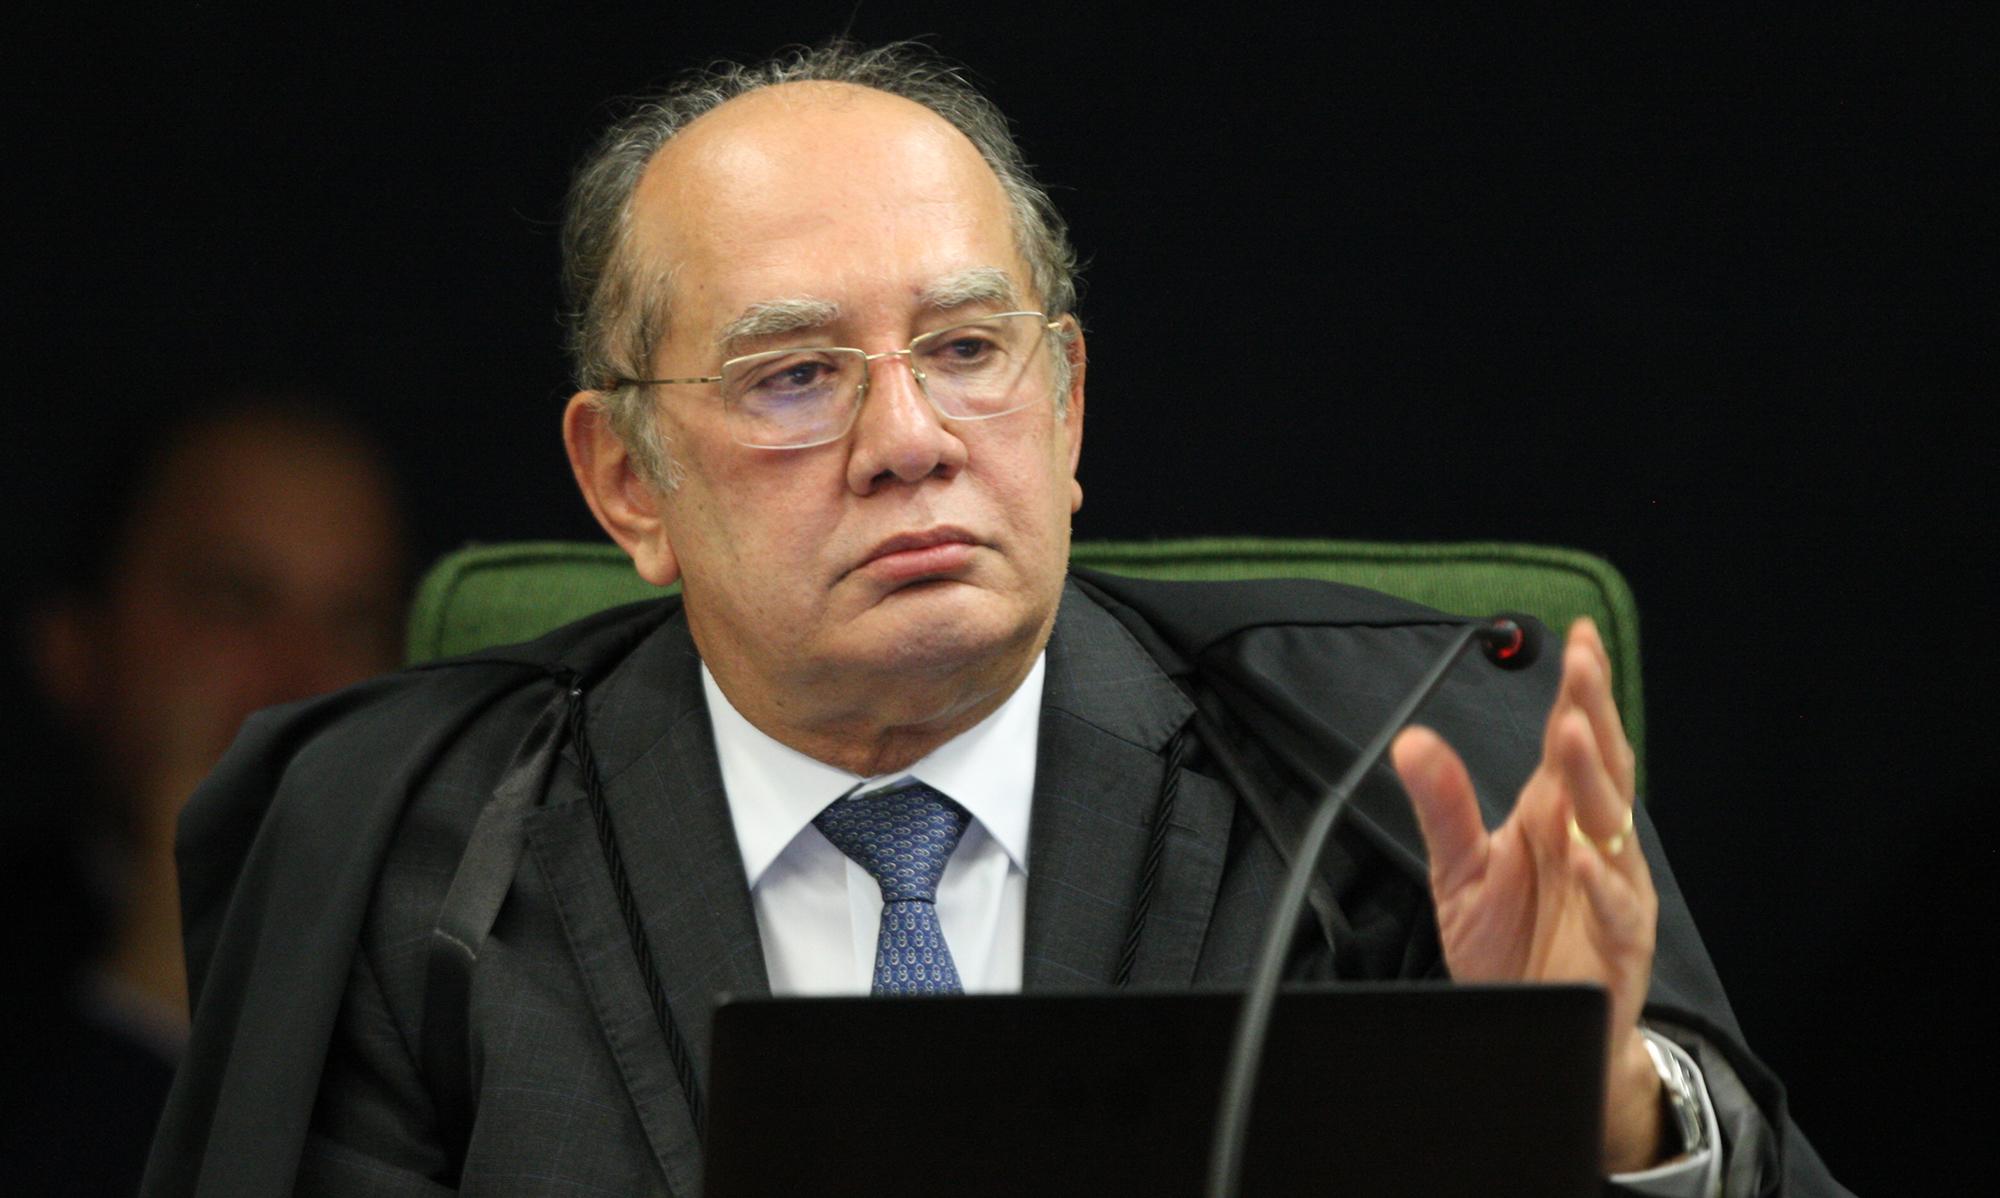 IMAGEM: Gilmar solta empresários presos pela Lava Jato em operação sobre esquema de desvios na saúde do Rio